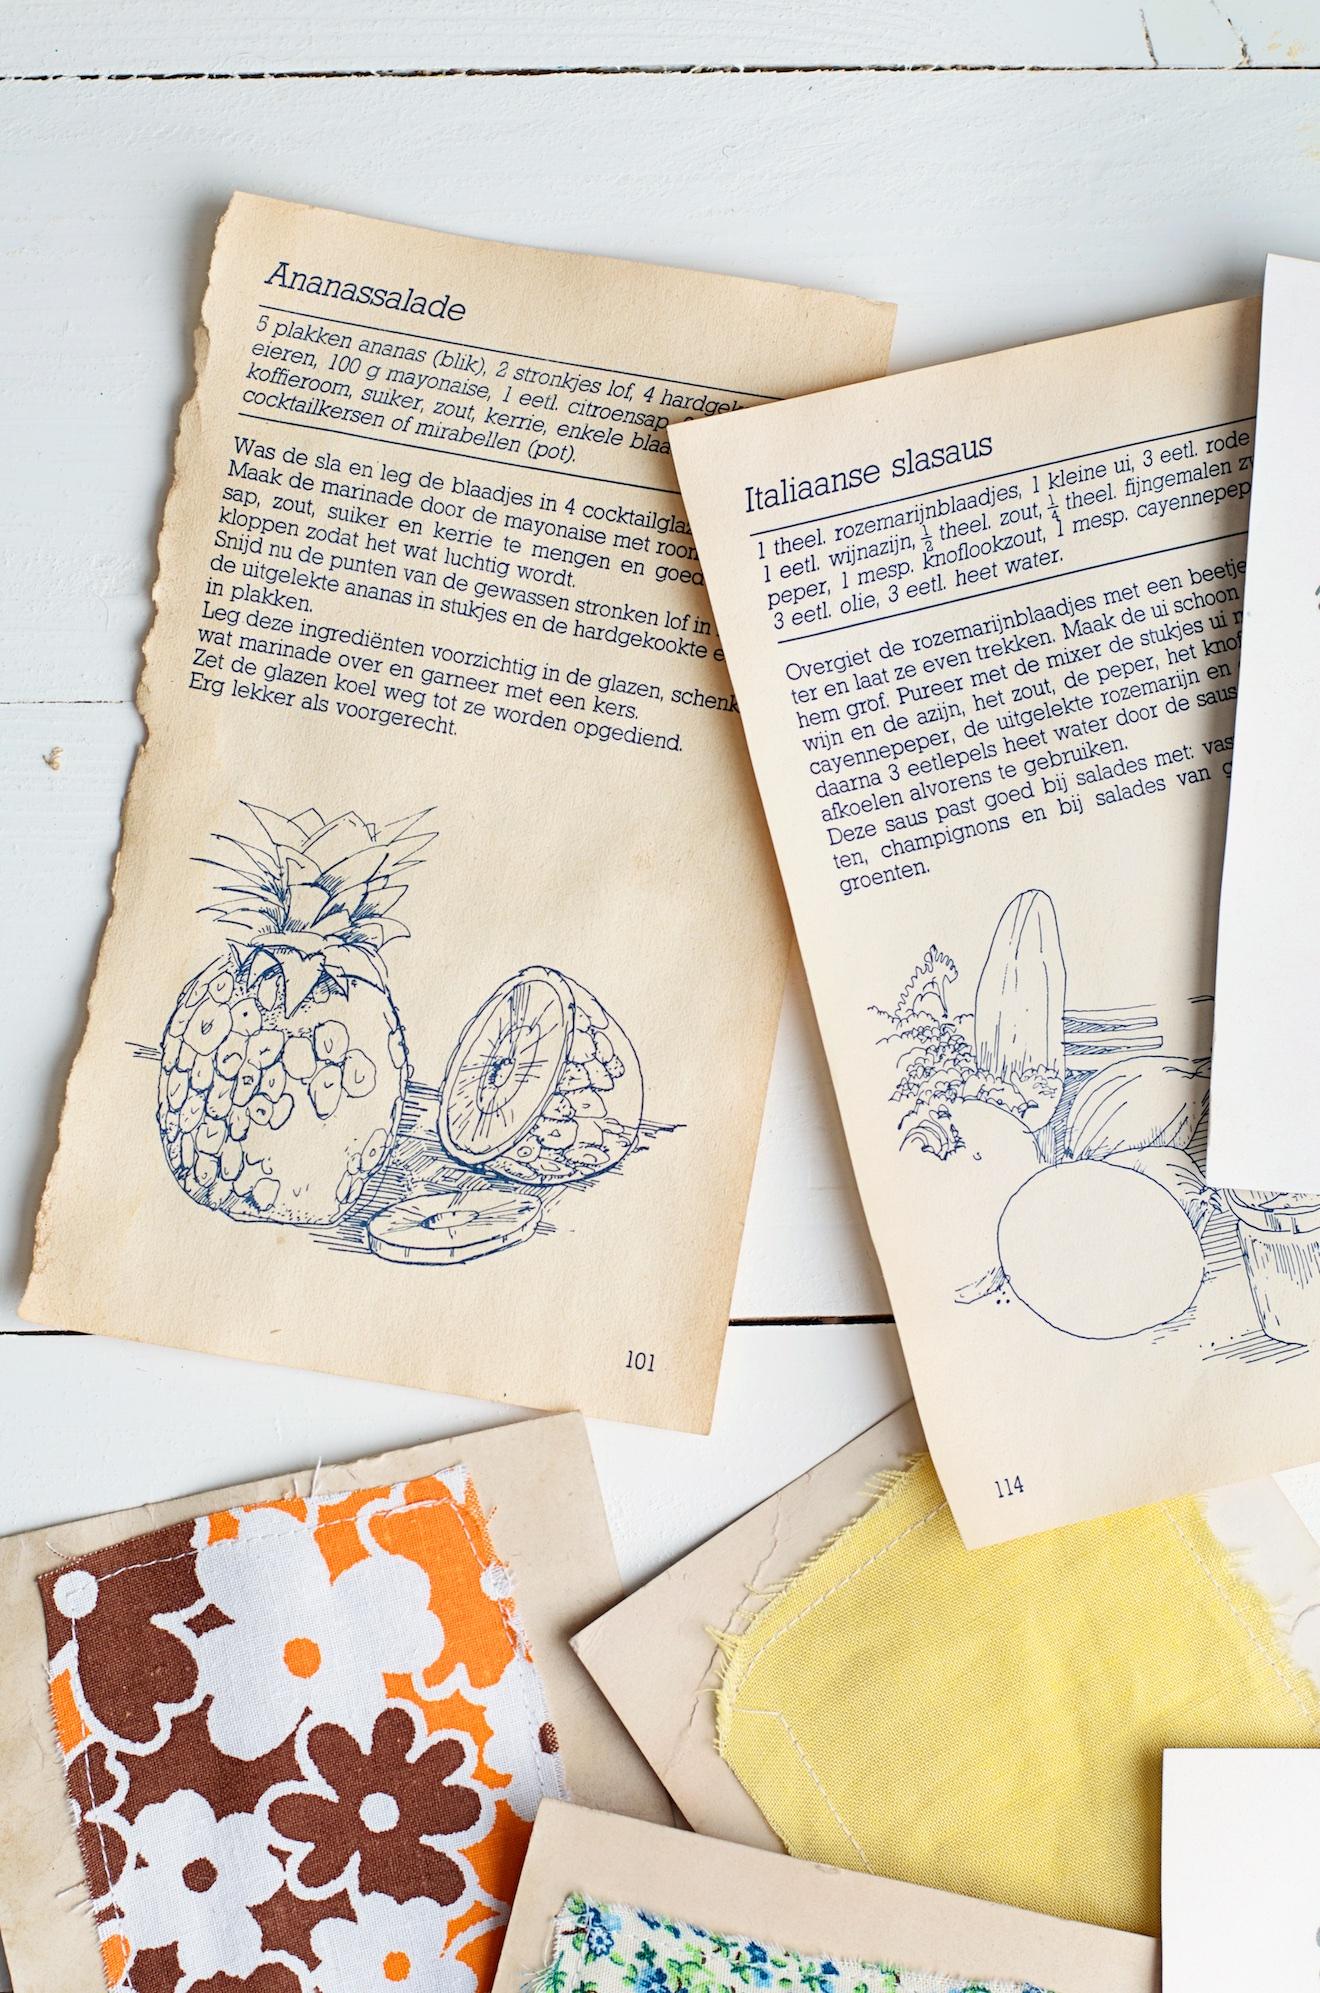 papier donker maken met thee2 (1)